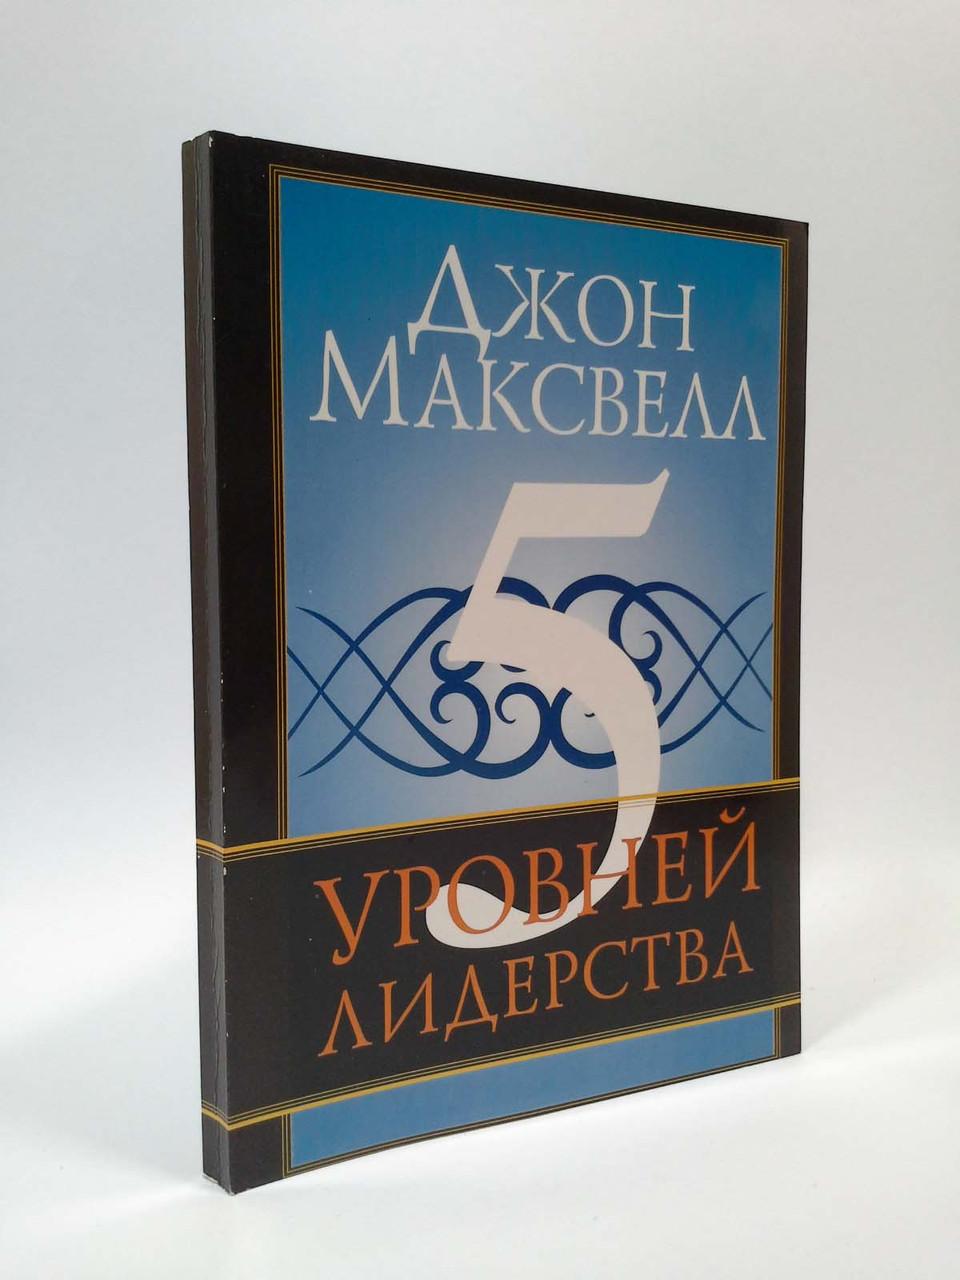 """Эзо """"Успех"""" Максвелл - (мяг) 5 уровней лидерства - Буквоїд, книжковий магазин в Белой Церкви"""